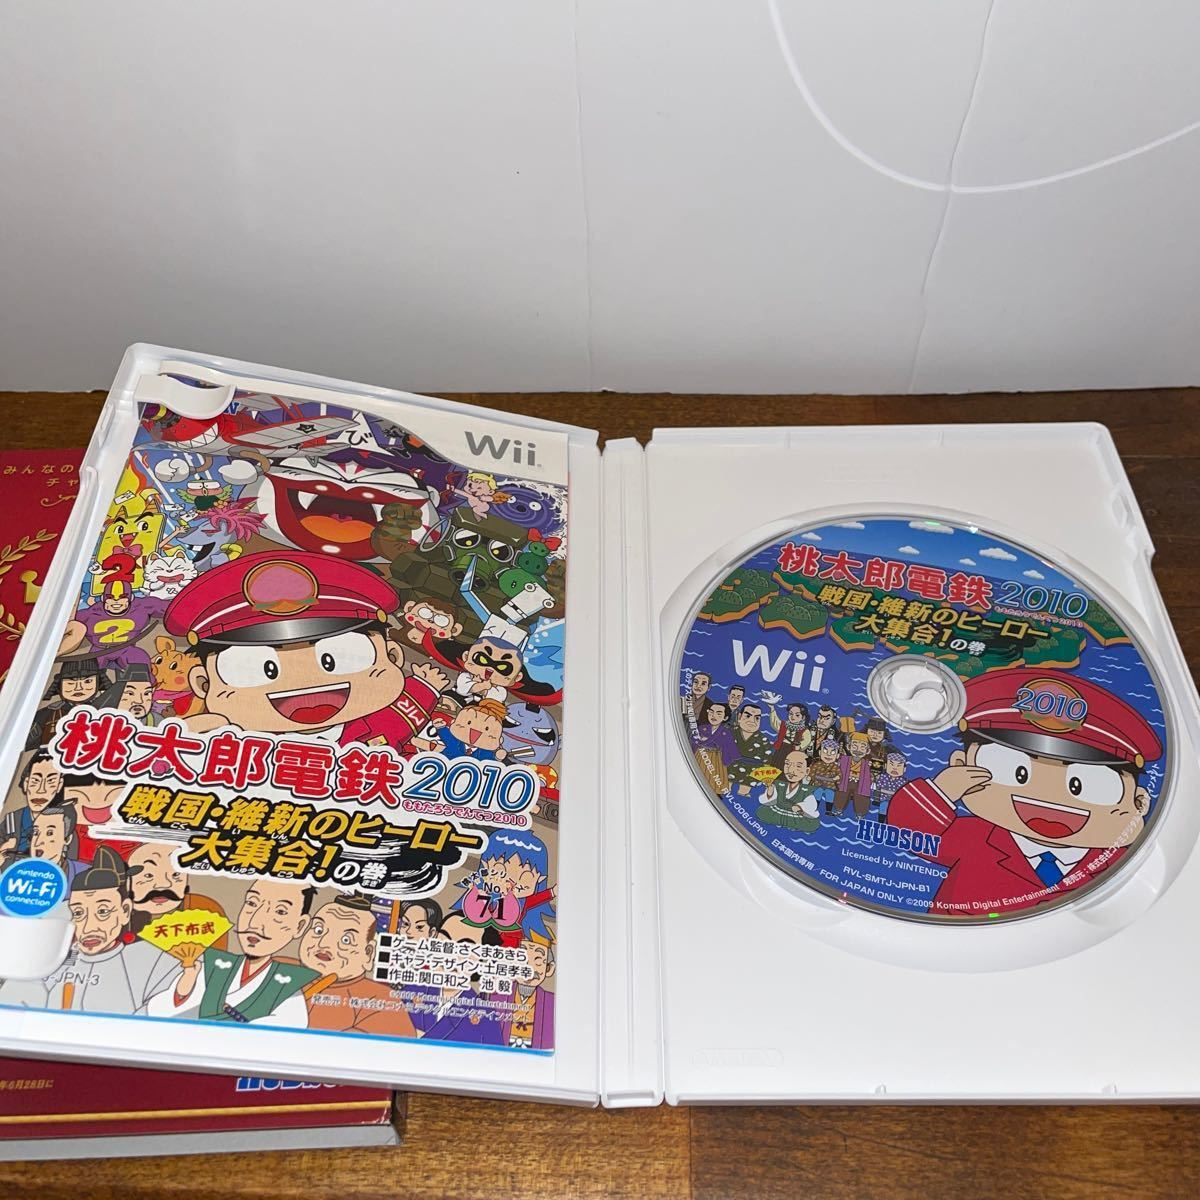 桃太郎電鉄2010 戦国・維新のヒーロー大集合!の巻        Wiiソフト 桃鉄 16 北海道大移動の巻!